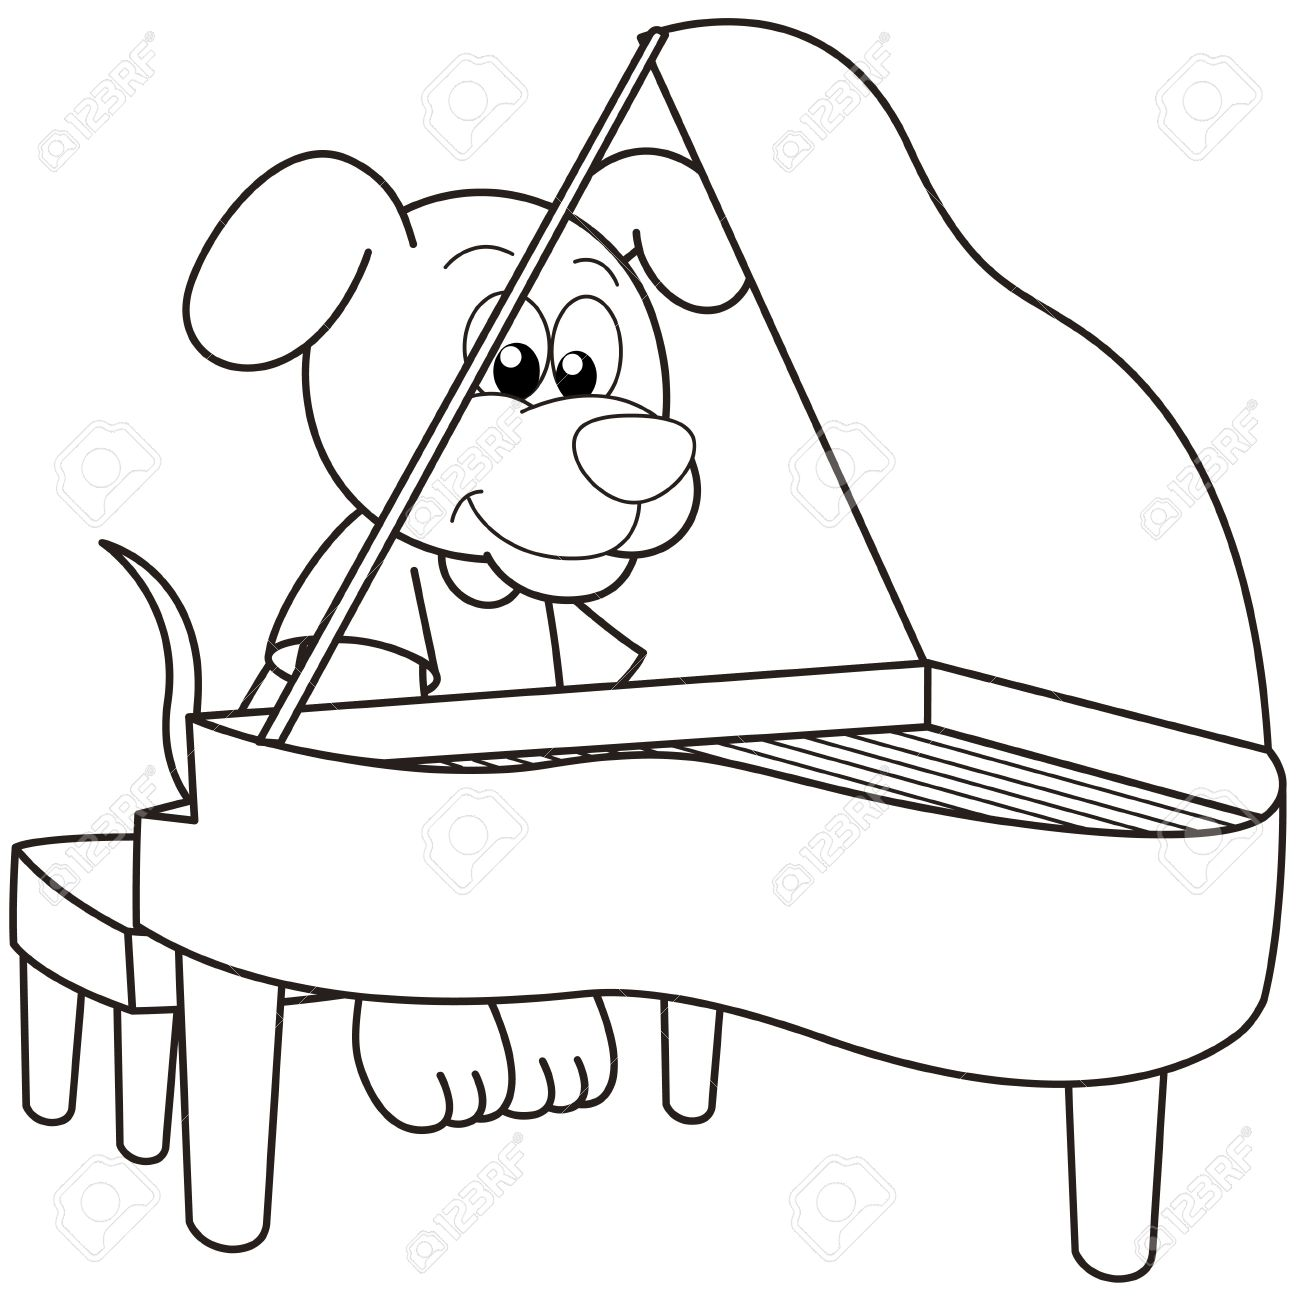 Playing Piano Drawing At Getdrawings